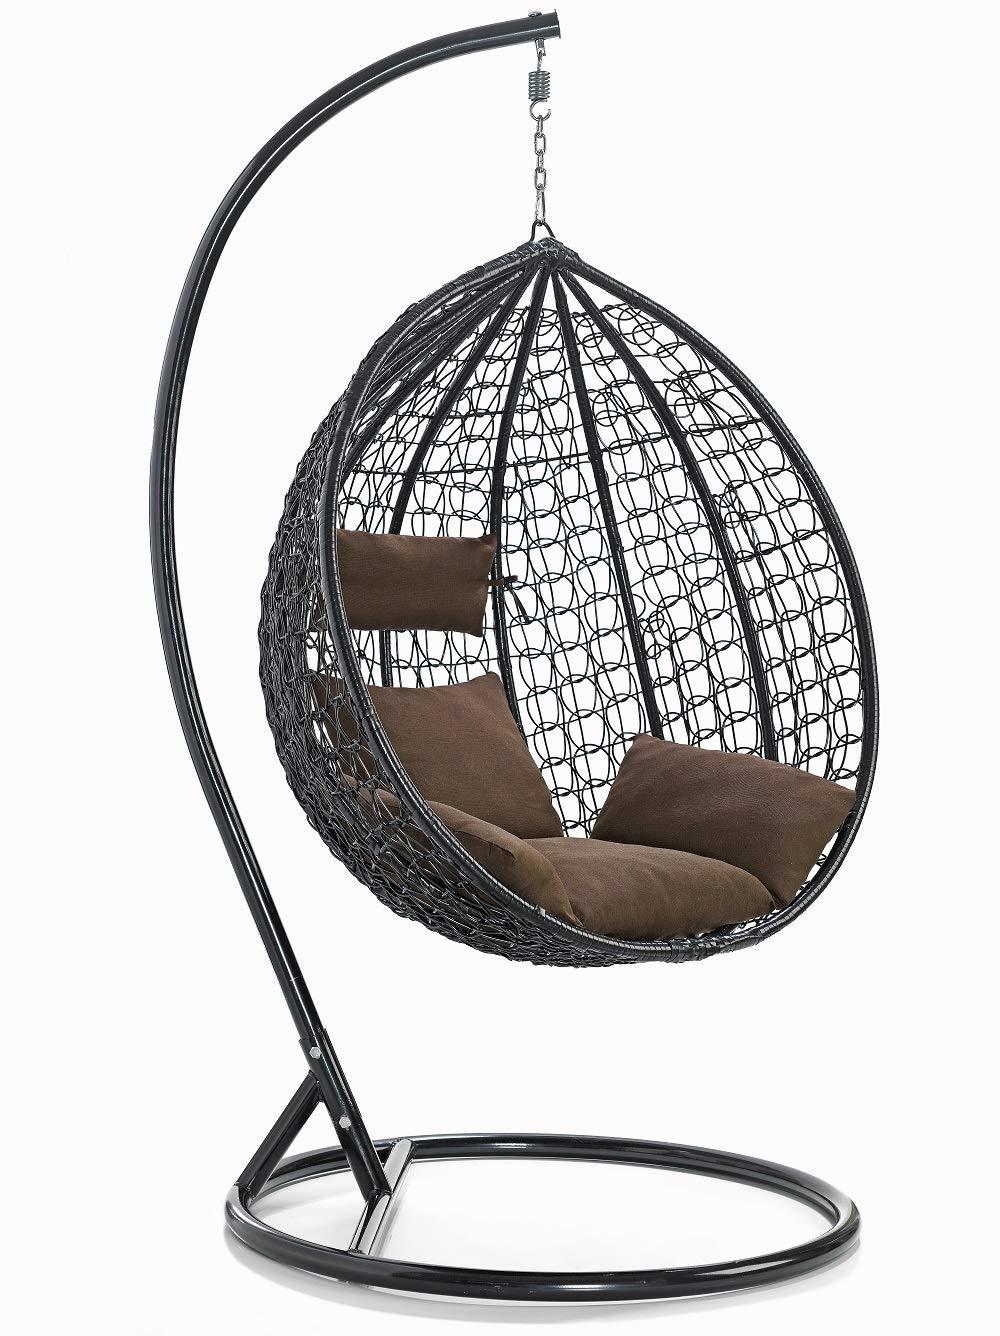 Sedia a dondolo sospesa per ambienti interni ed esterni con comodo cuscino imbottito e sfoderabile misura standard Modello Giuditta